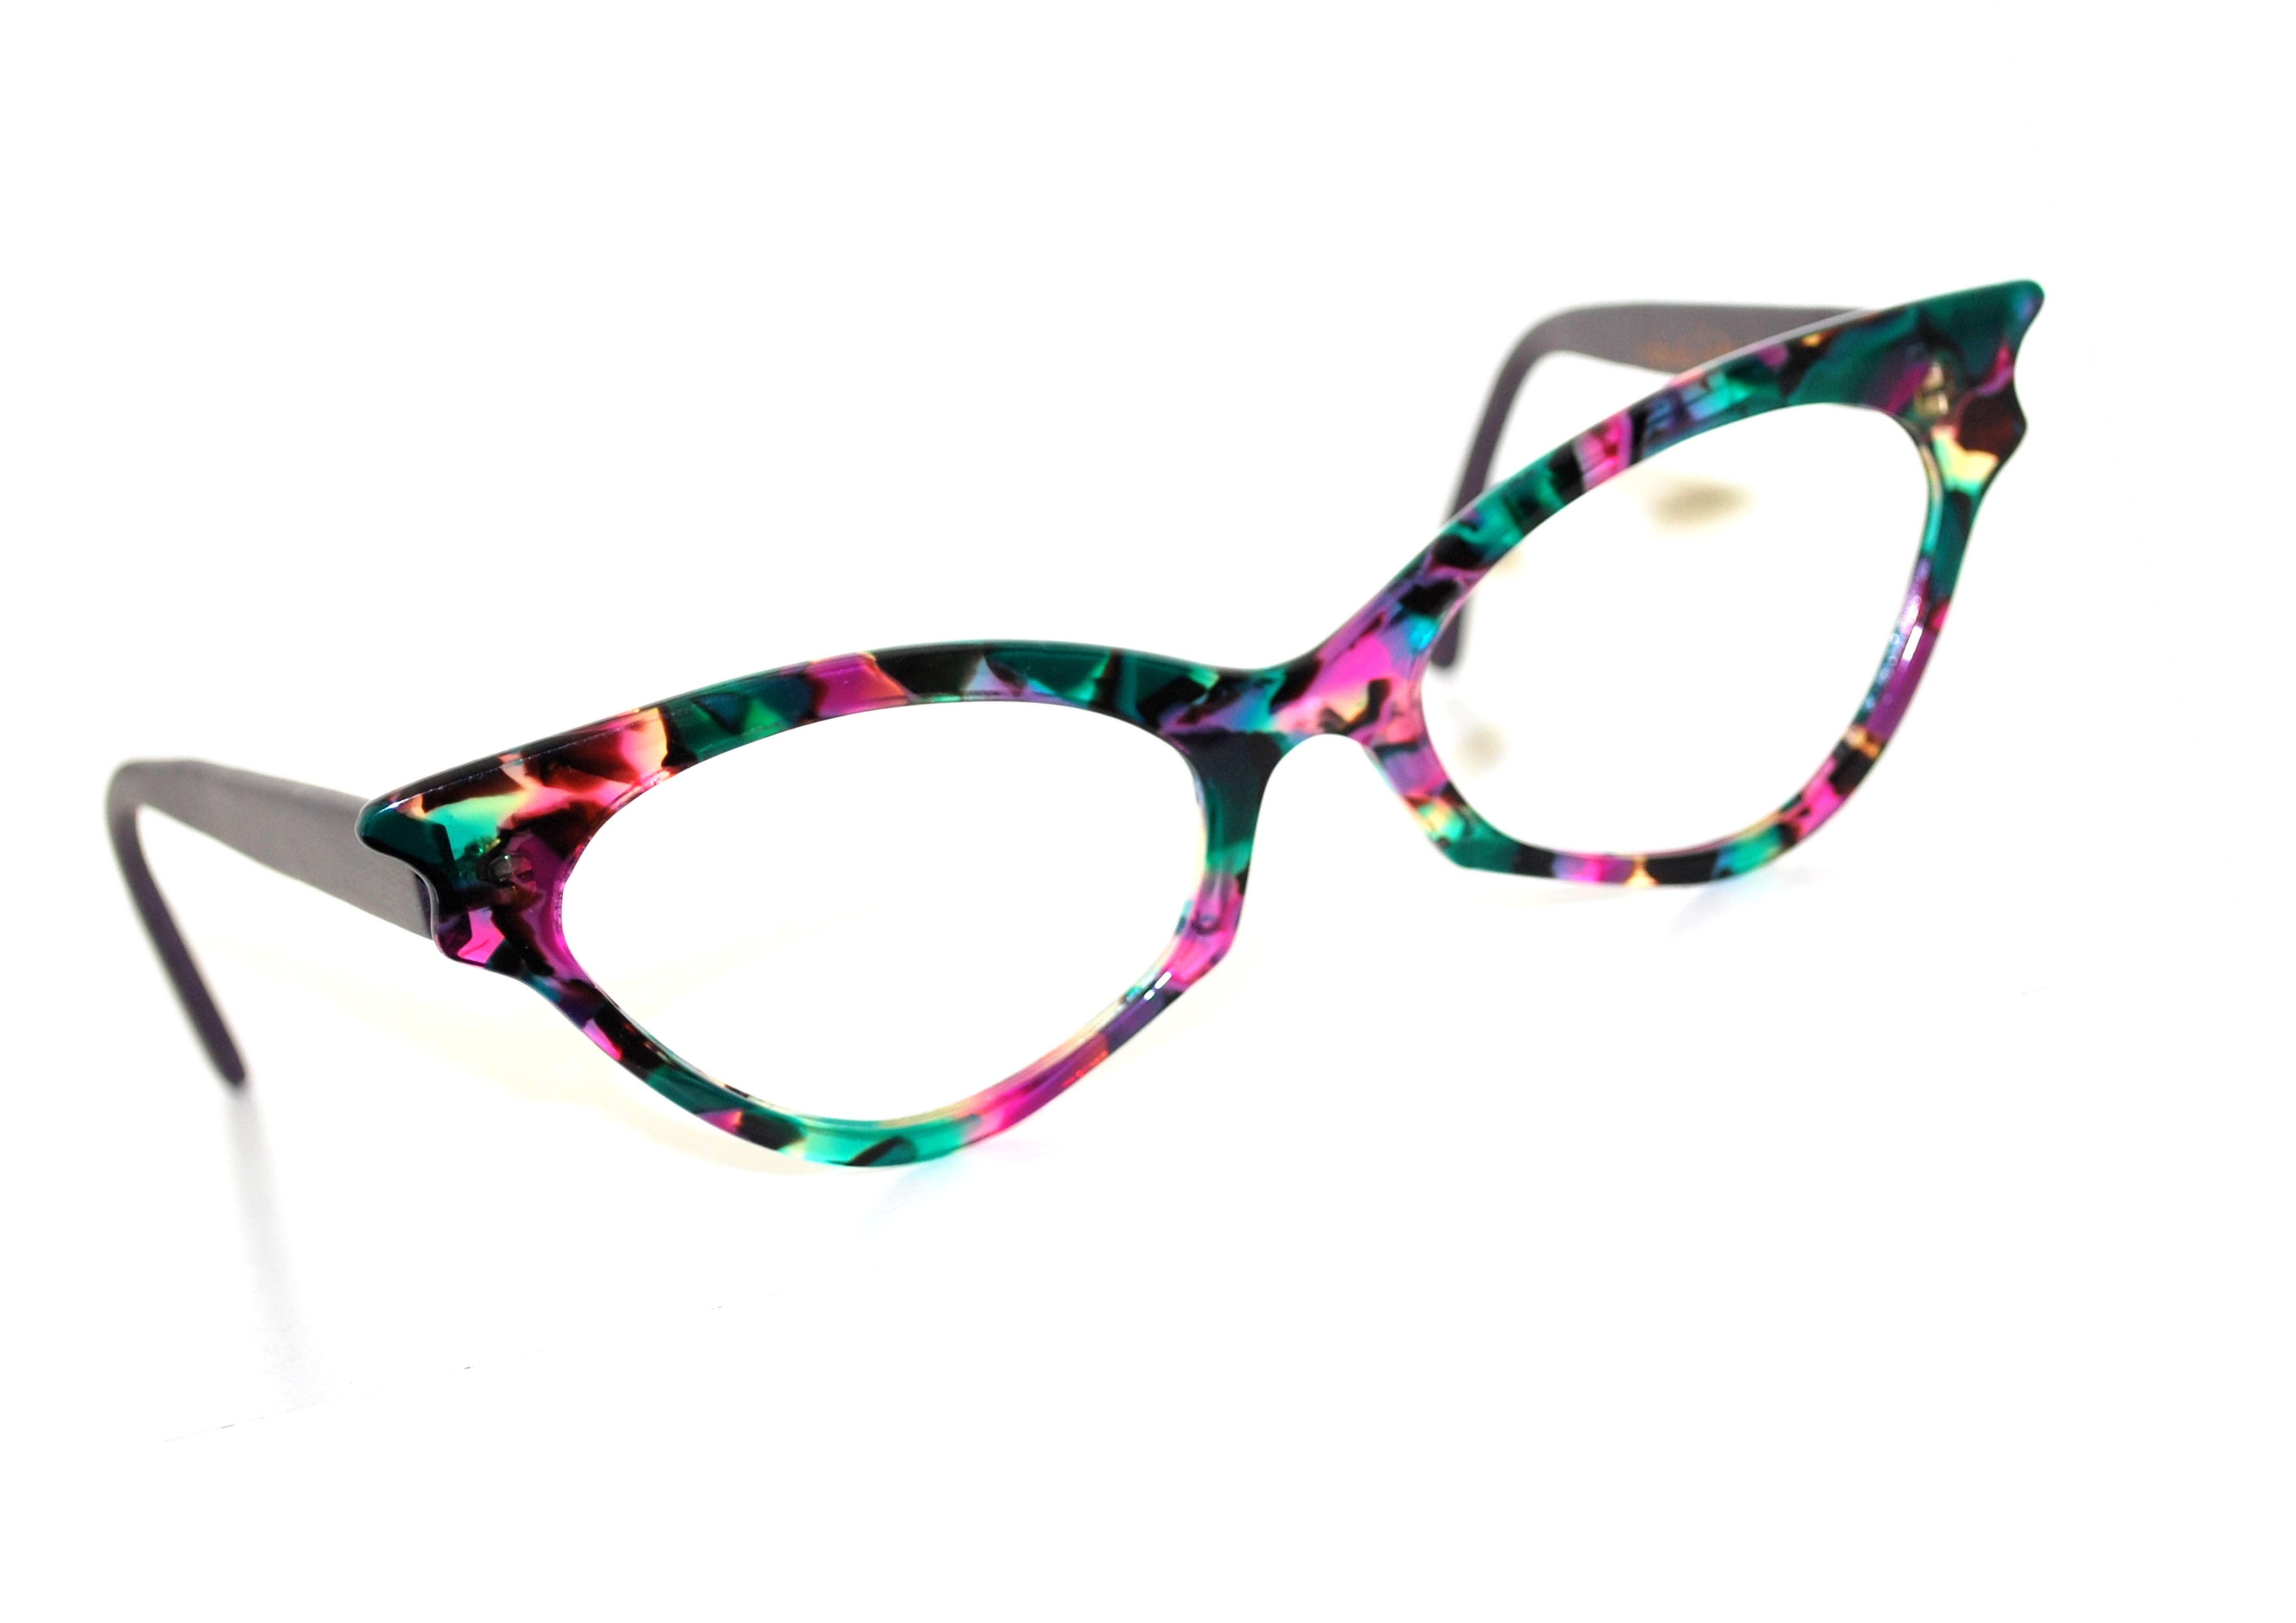 lunette papillon sur mesure multicolore - créatrice de lunettes ... 8be5680fae4